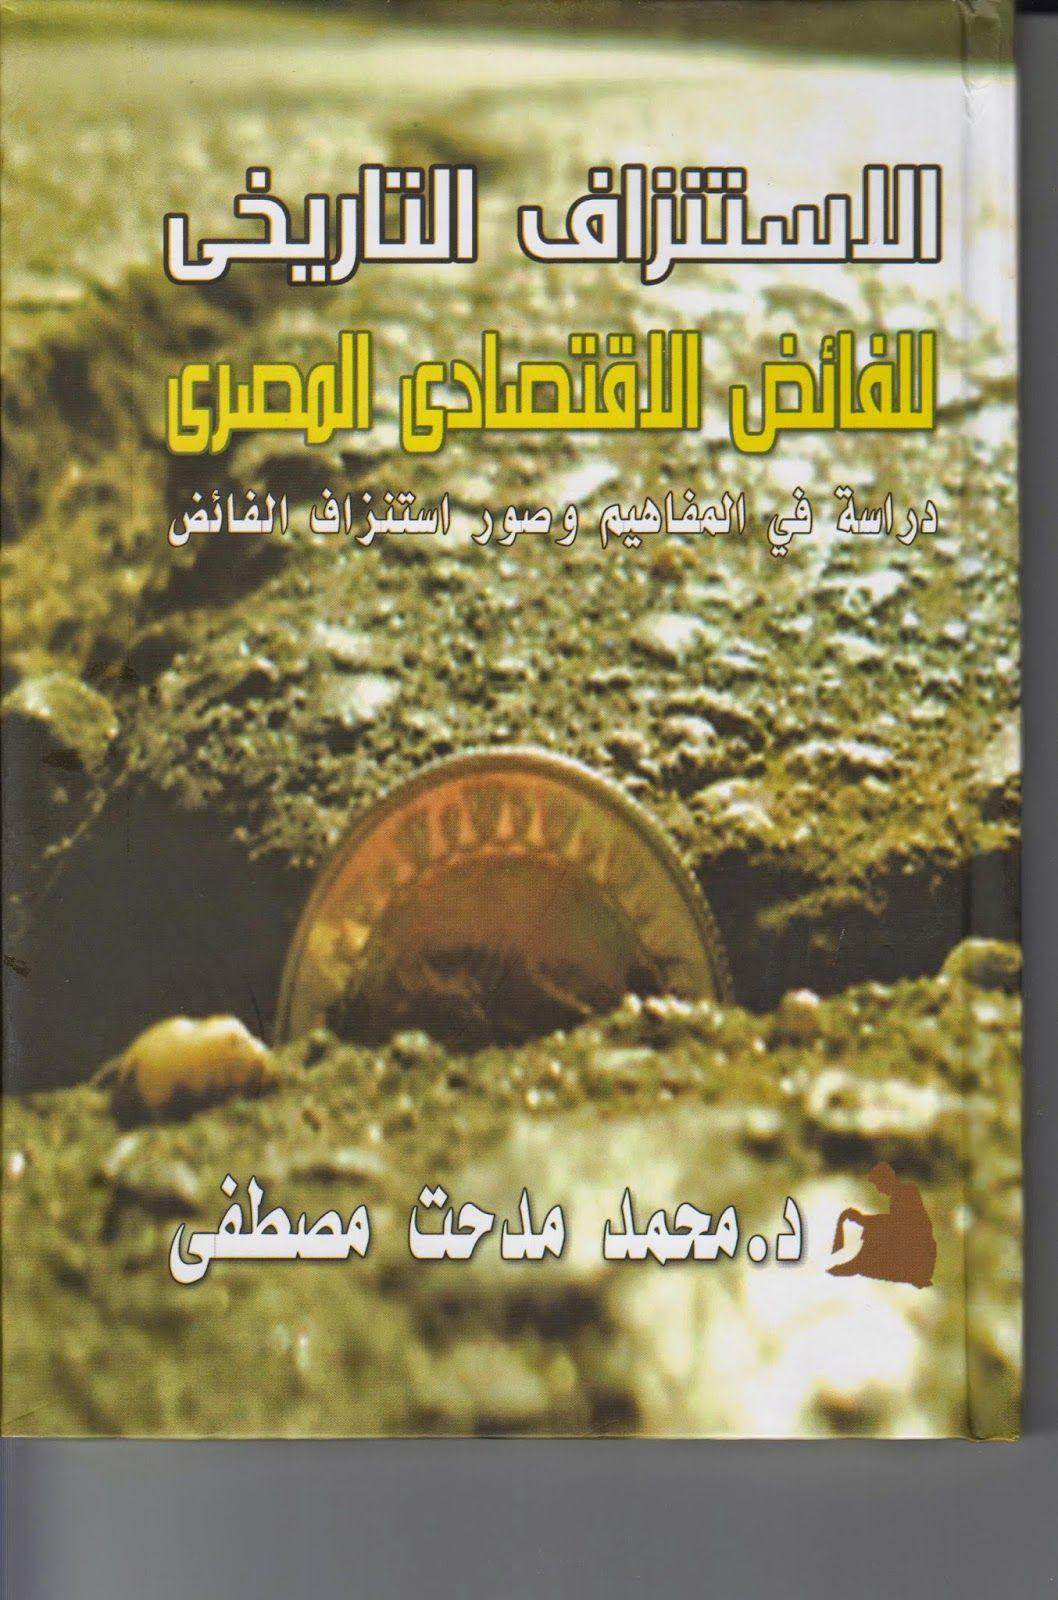 المصري أفندي الاستنزاف التاريخي للفائض الاقتصادي المصري Egypt Reading Poster